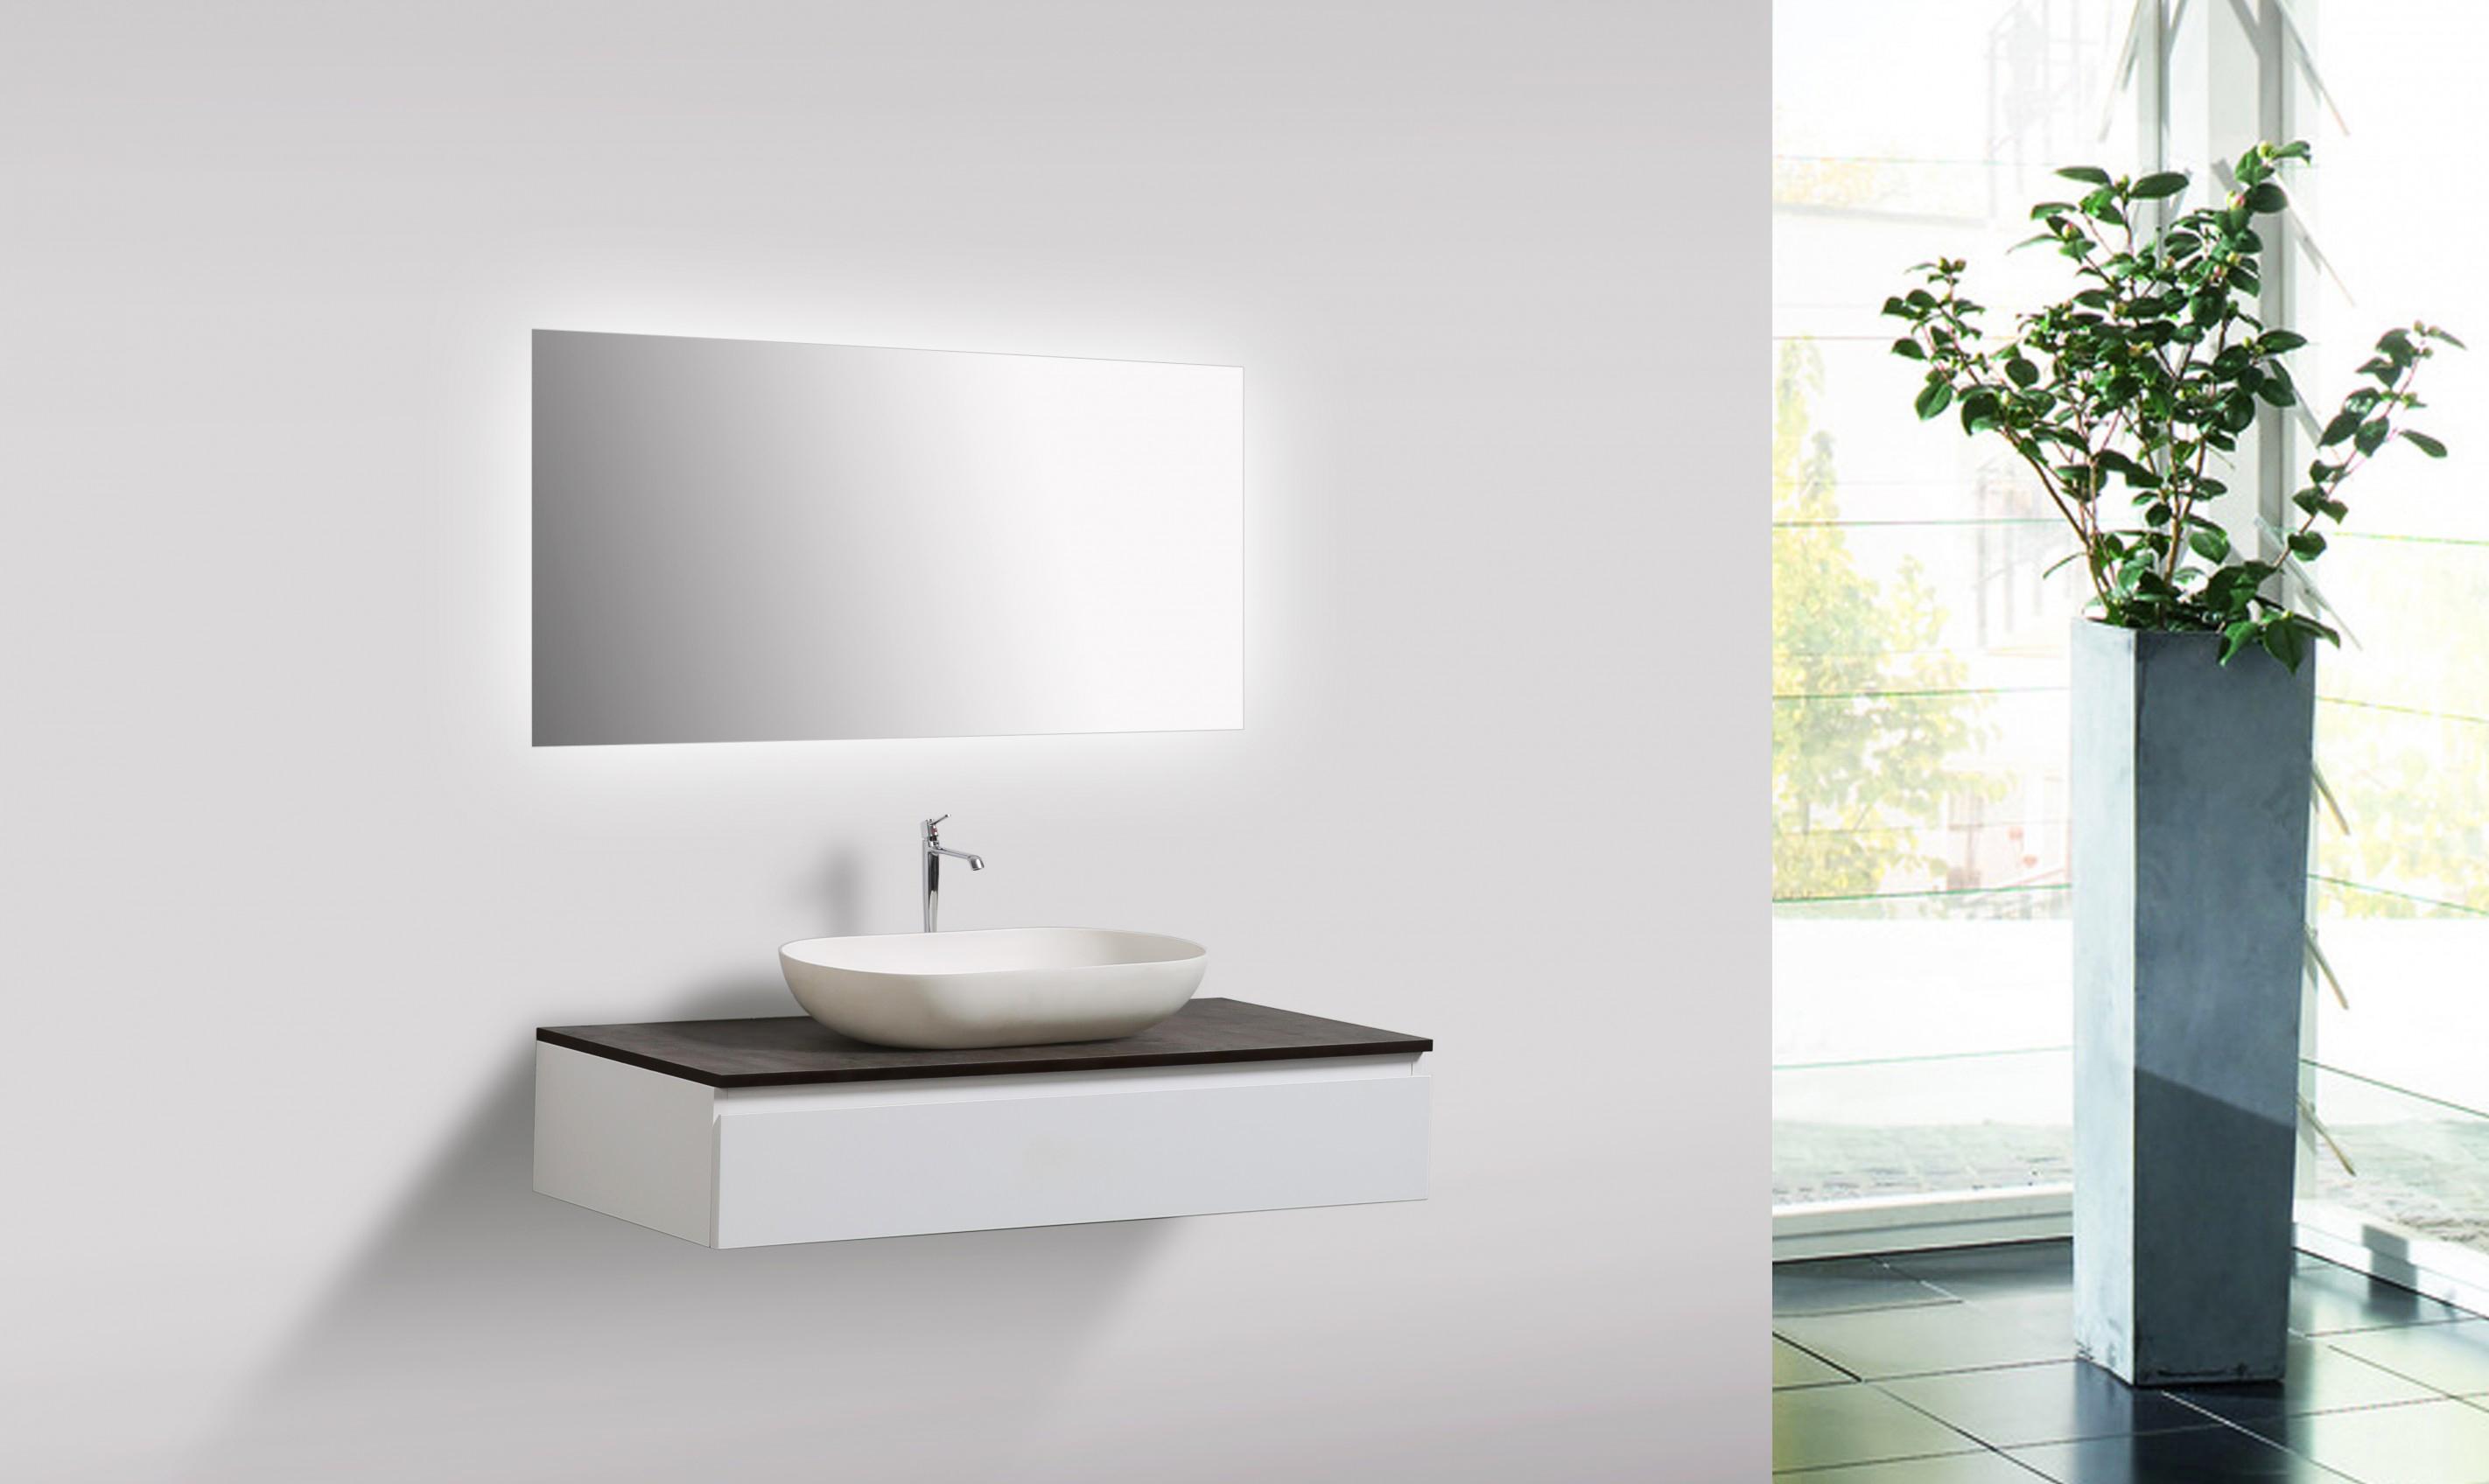 Mobili da bagno vision 100 cm bianco specchio bacino sottopensile